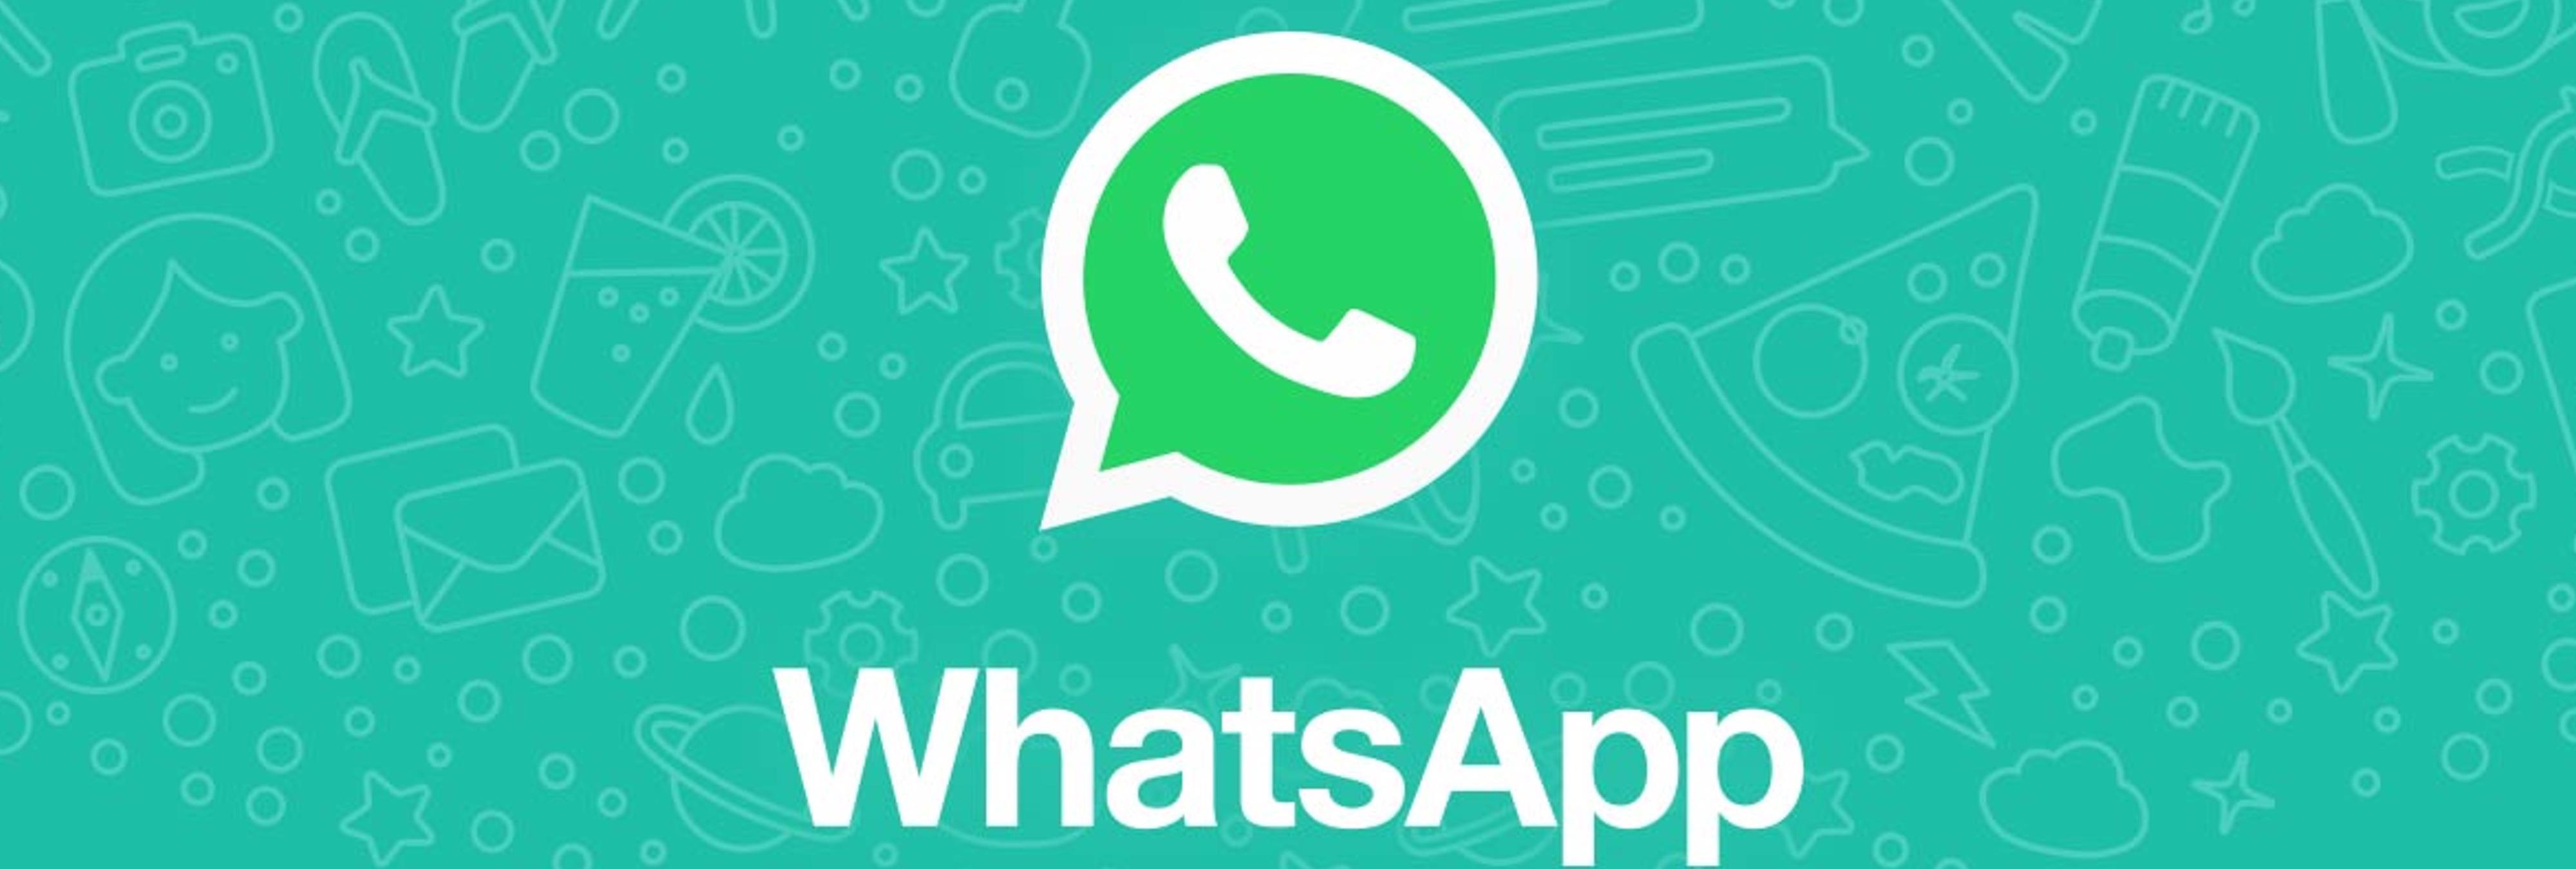 Así puedes escuchar las notas de voz en WhatsApp sin que la otra persona lo sepa